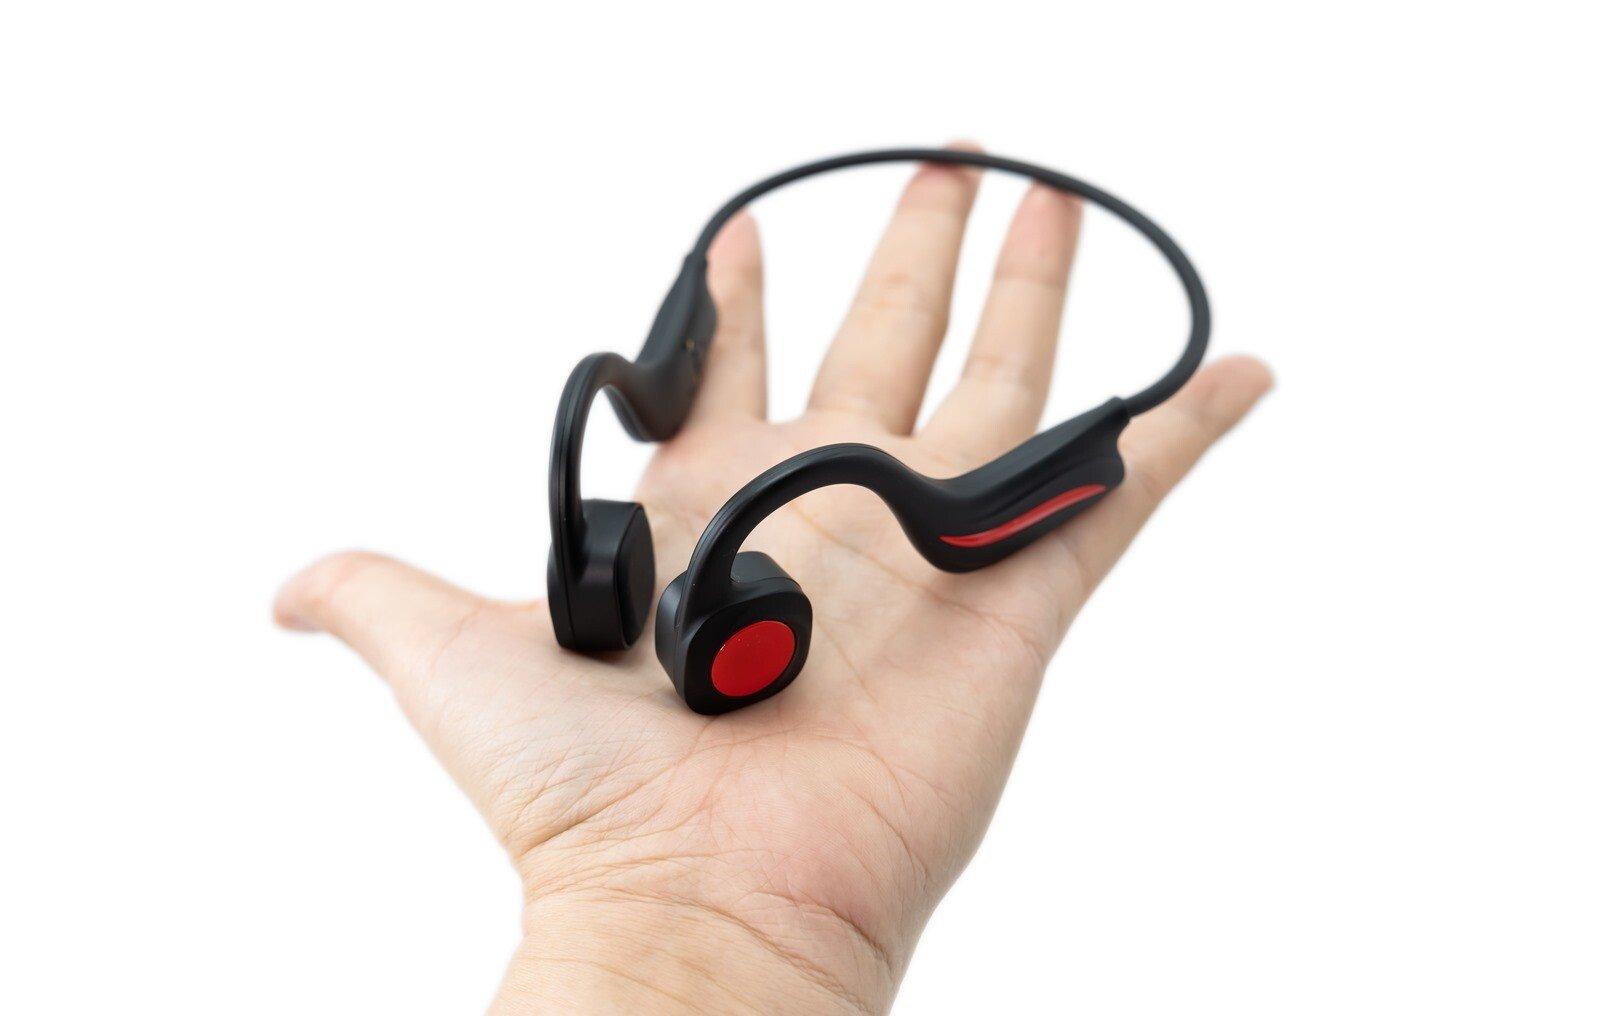 為了運動而生!inaday's B20 曜夜黑骨傳導藍牙運動耳機,解放你的雙手 @3C 達人廖阿輝